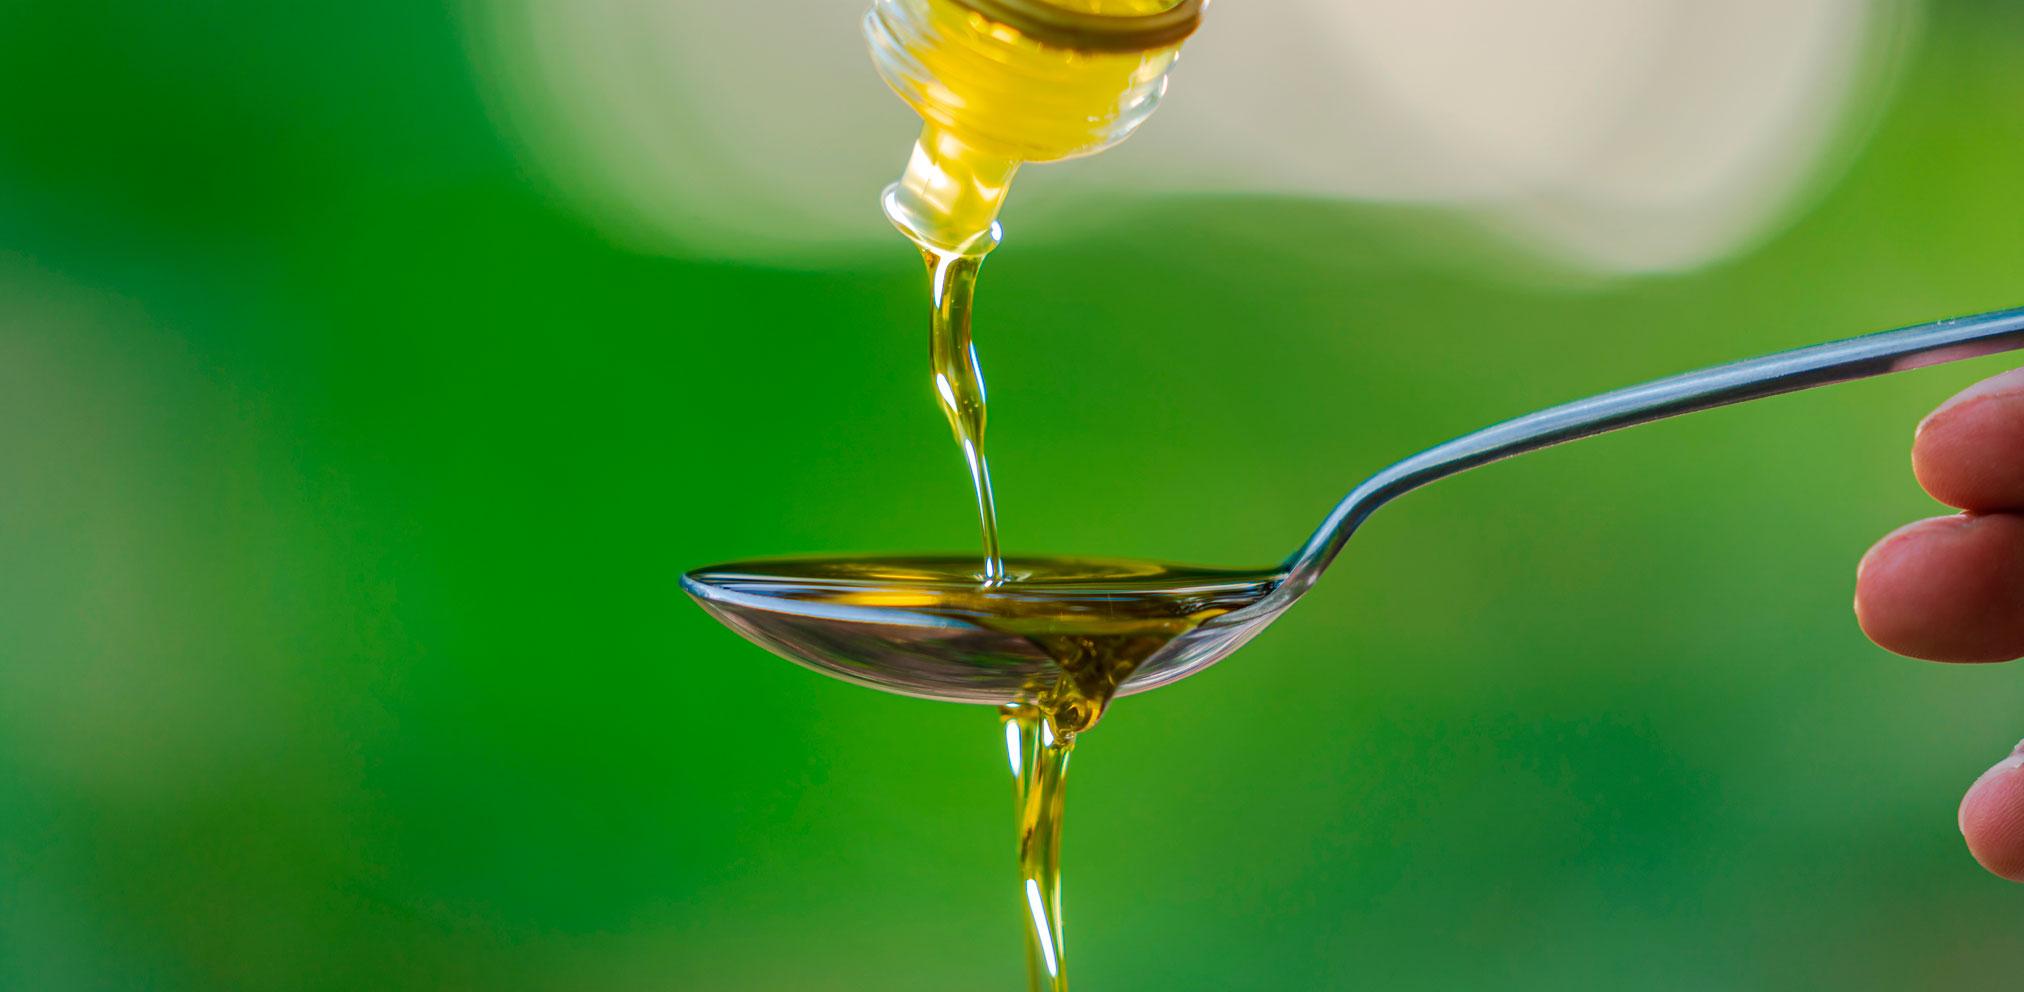 Cómo hacer una cata de aceite de oliva